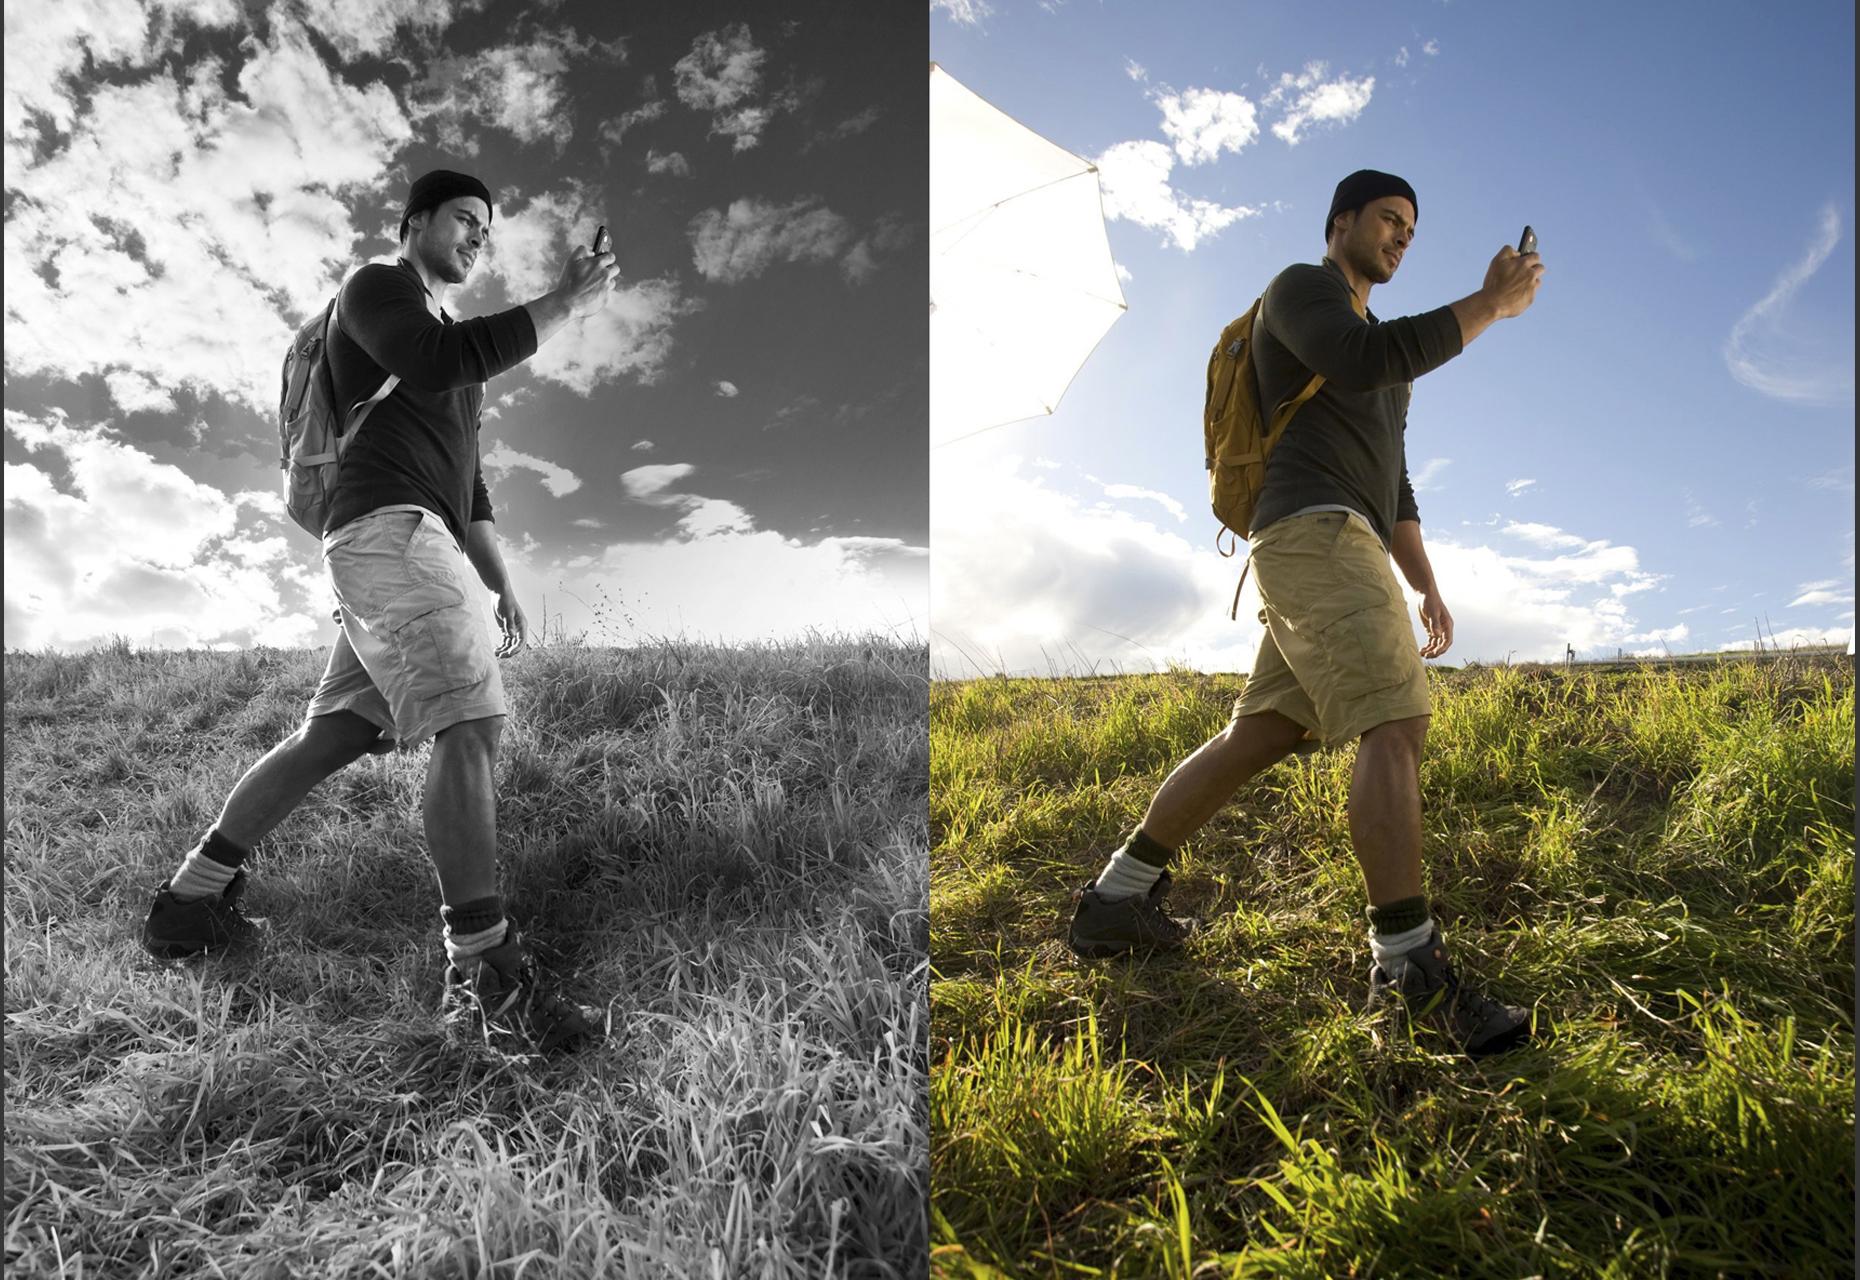 Location Photography | Lifestyle Photography | Photo Retouching